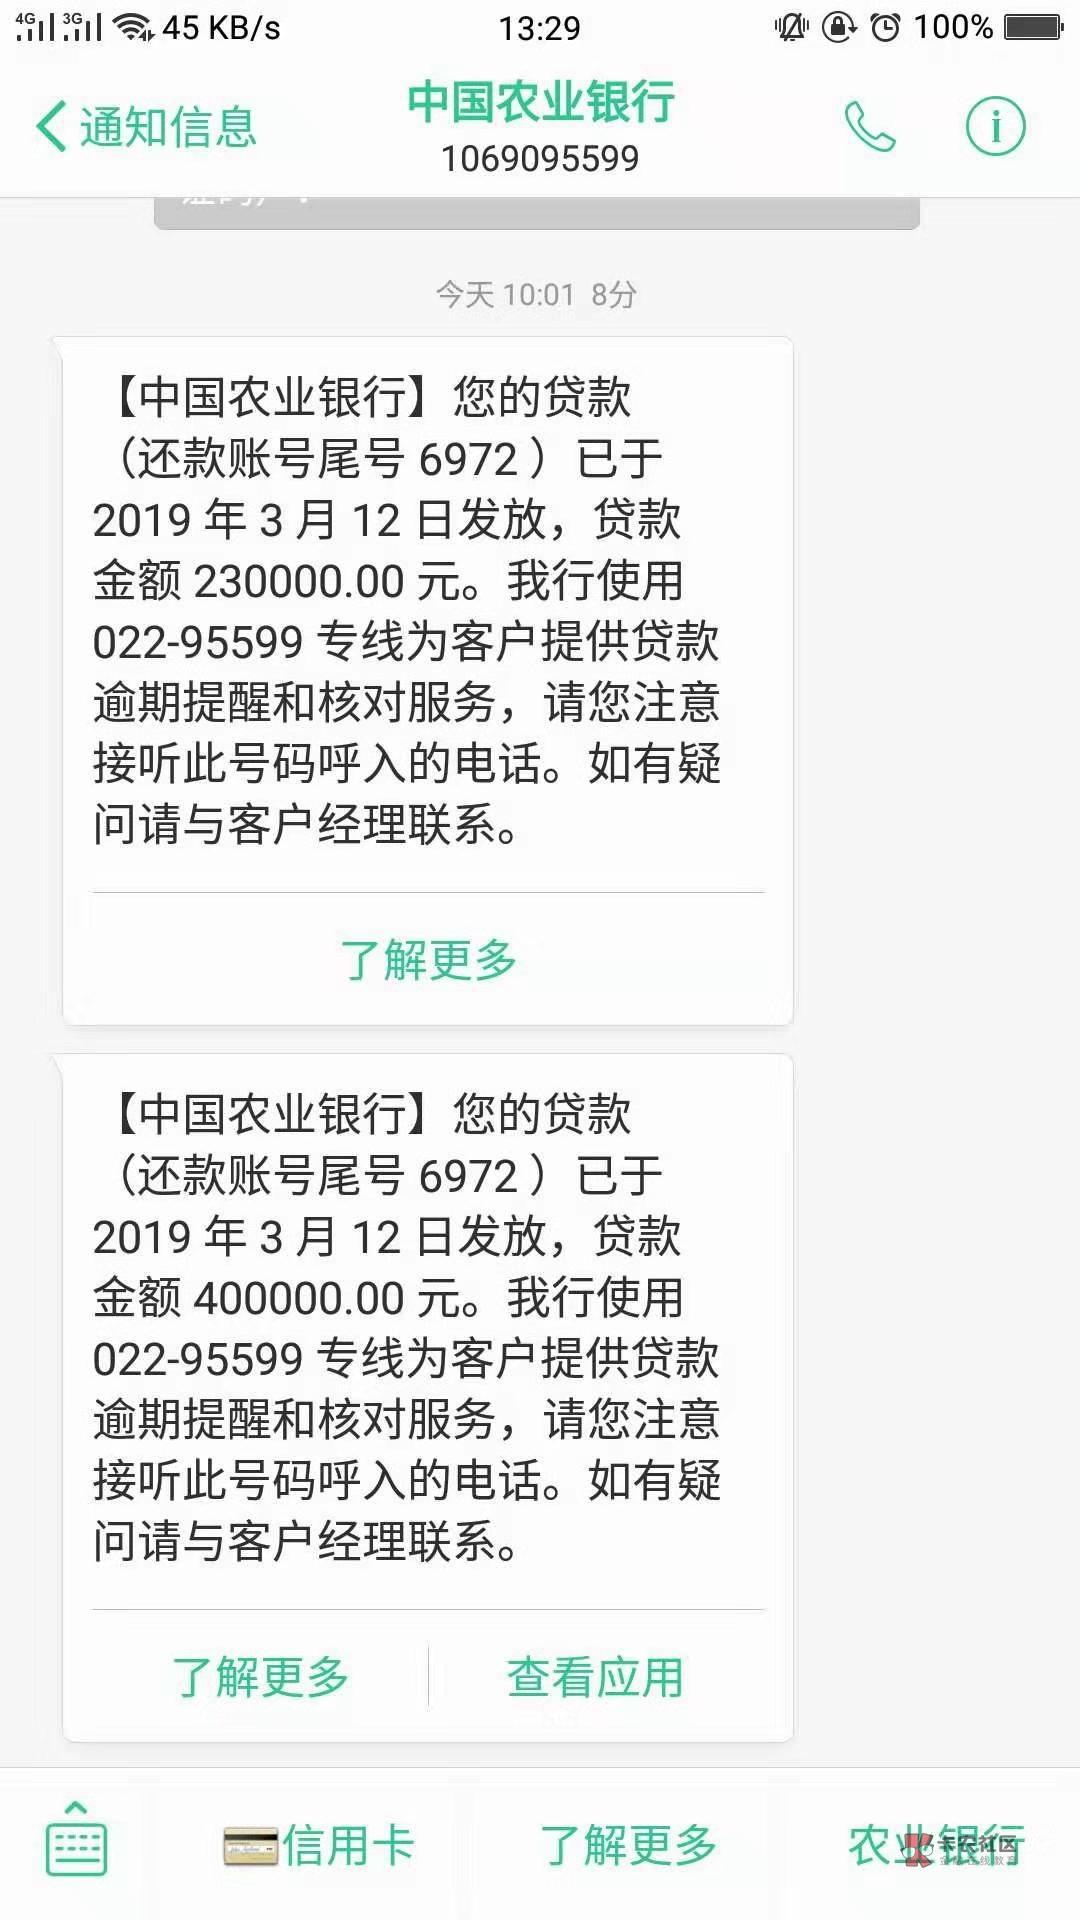 成功撸下农行63万成功撸下农行63万  10 / 作者:高利贷不还 /